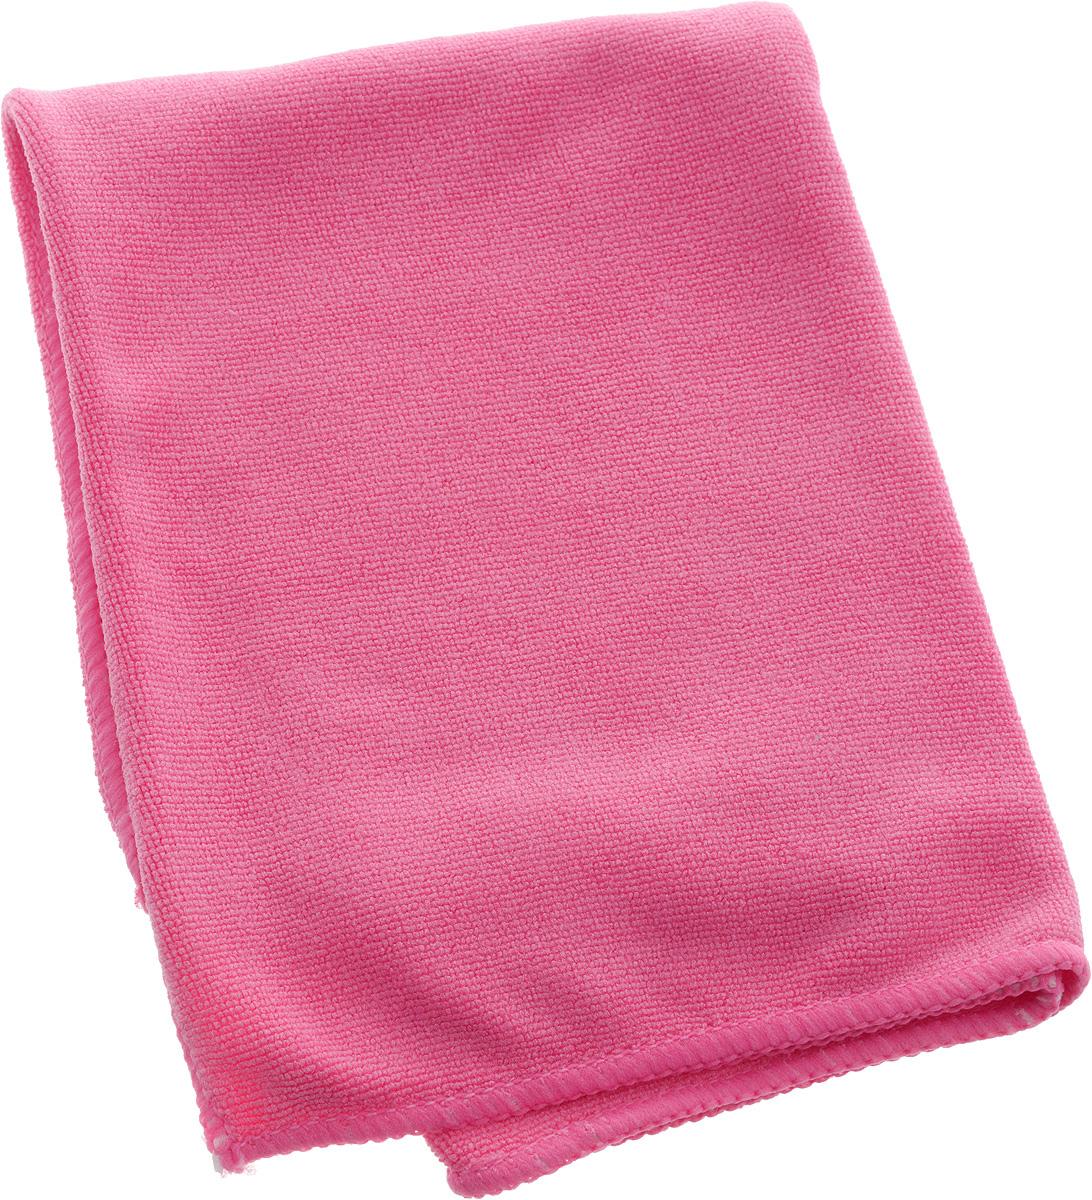 Салфетка из микрофибры Airline, цвет: розовый, 40 х 60 смIRK-503Мягкая салфетка Airline выполнена из микрофибры. Мягкий ворс микрофибры очистит поверхность от пыли и загрязнений, микробов и грибков, и не отставит царапин. Материал хорошо впитывает жидкость, быстро сохнет и не подвержен быстрому износу после многочисленных стирок.